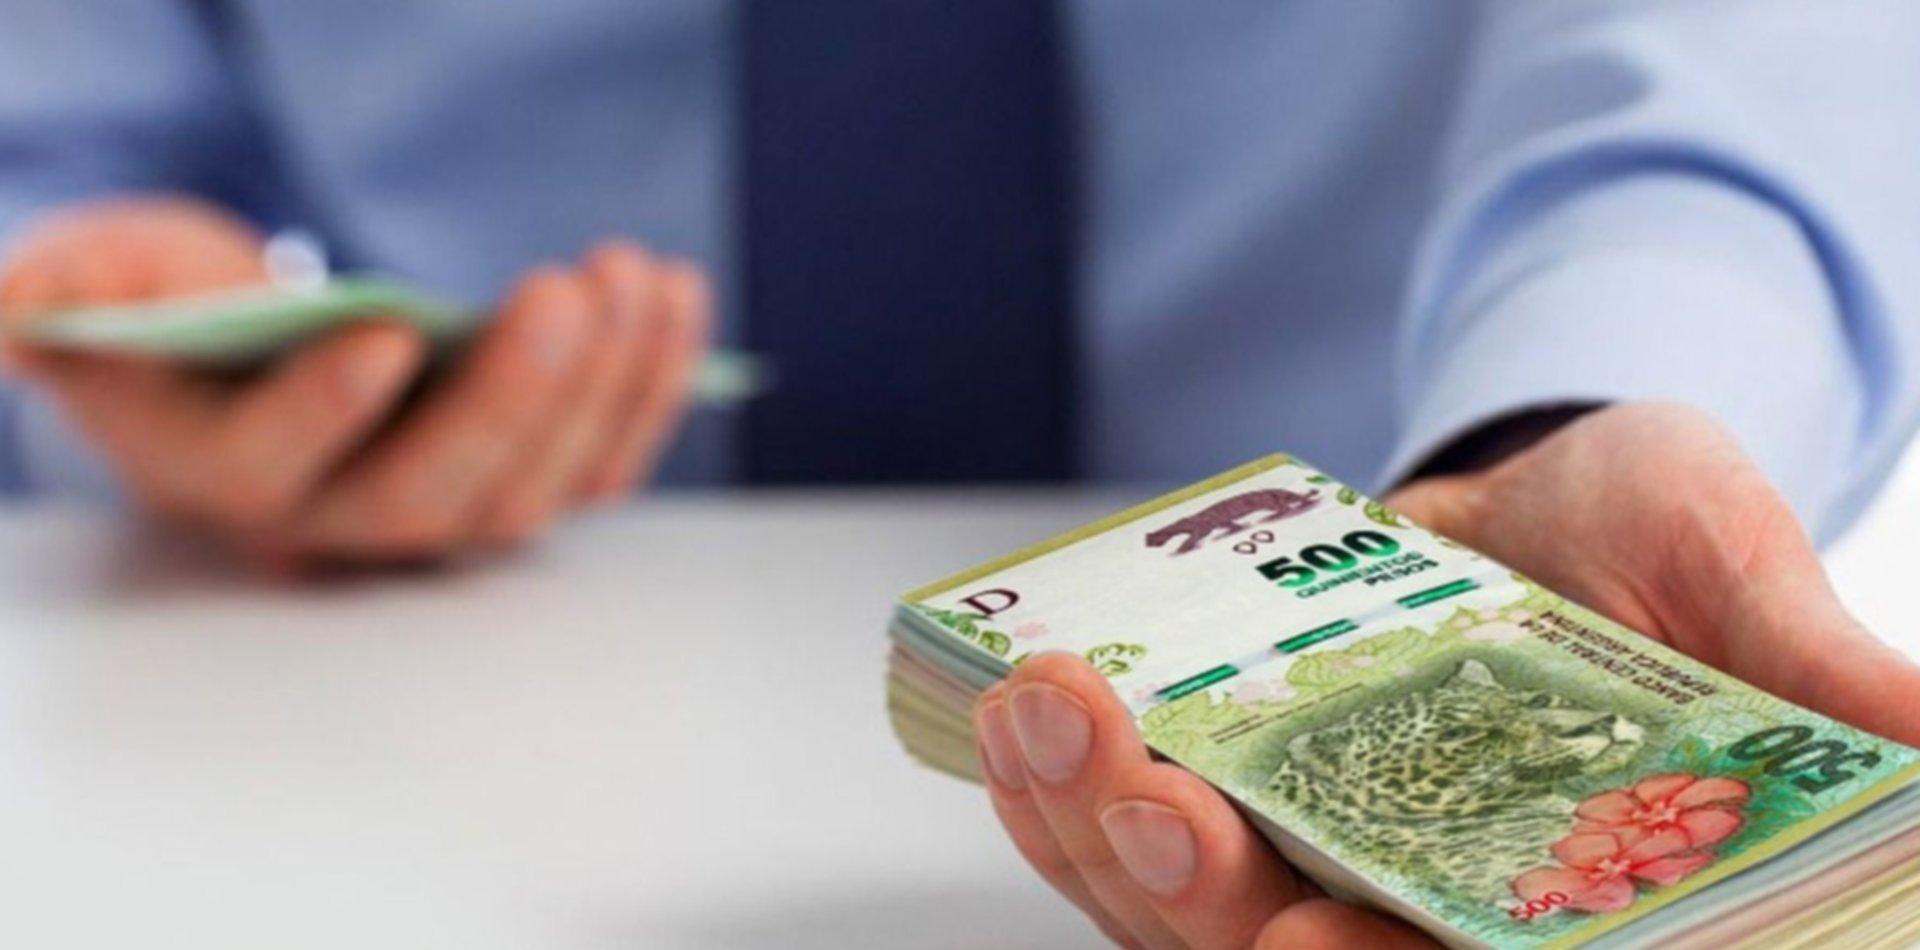 La Justicia platense autorizó a una financiera a embargar el sueldo de un empleado público